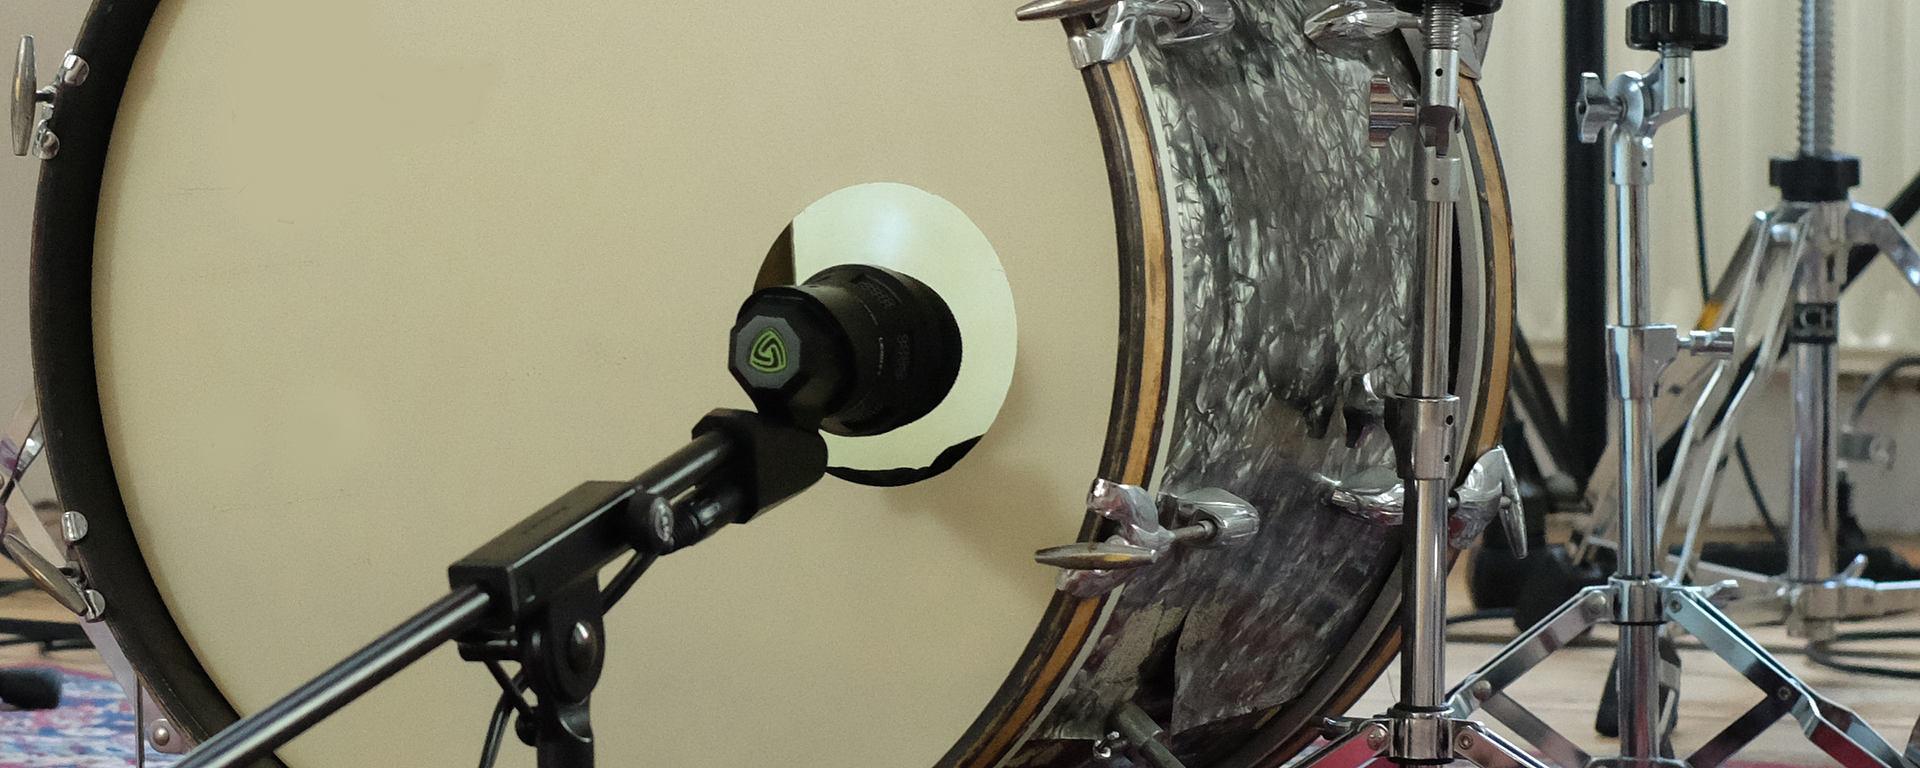 DTP 640 REX best bass drum microphone